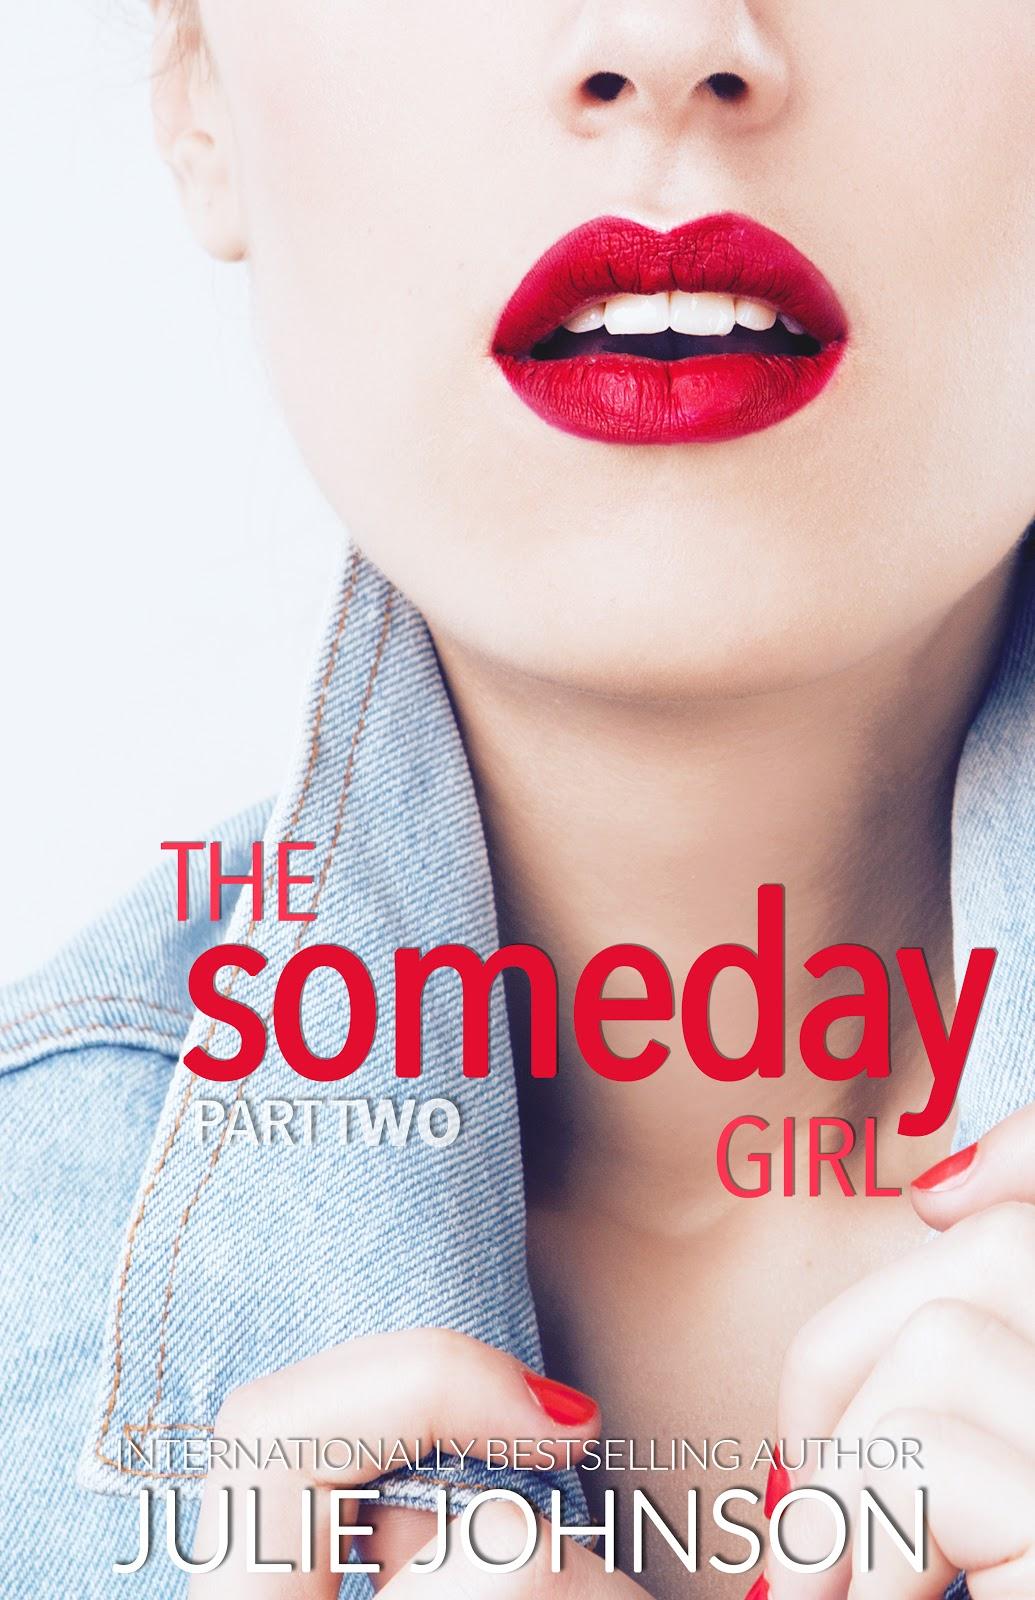 thesomedaygirl finalcover v2.jpg